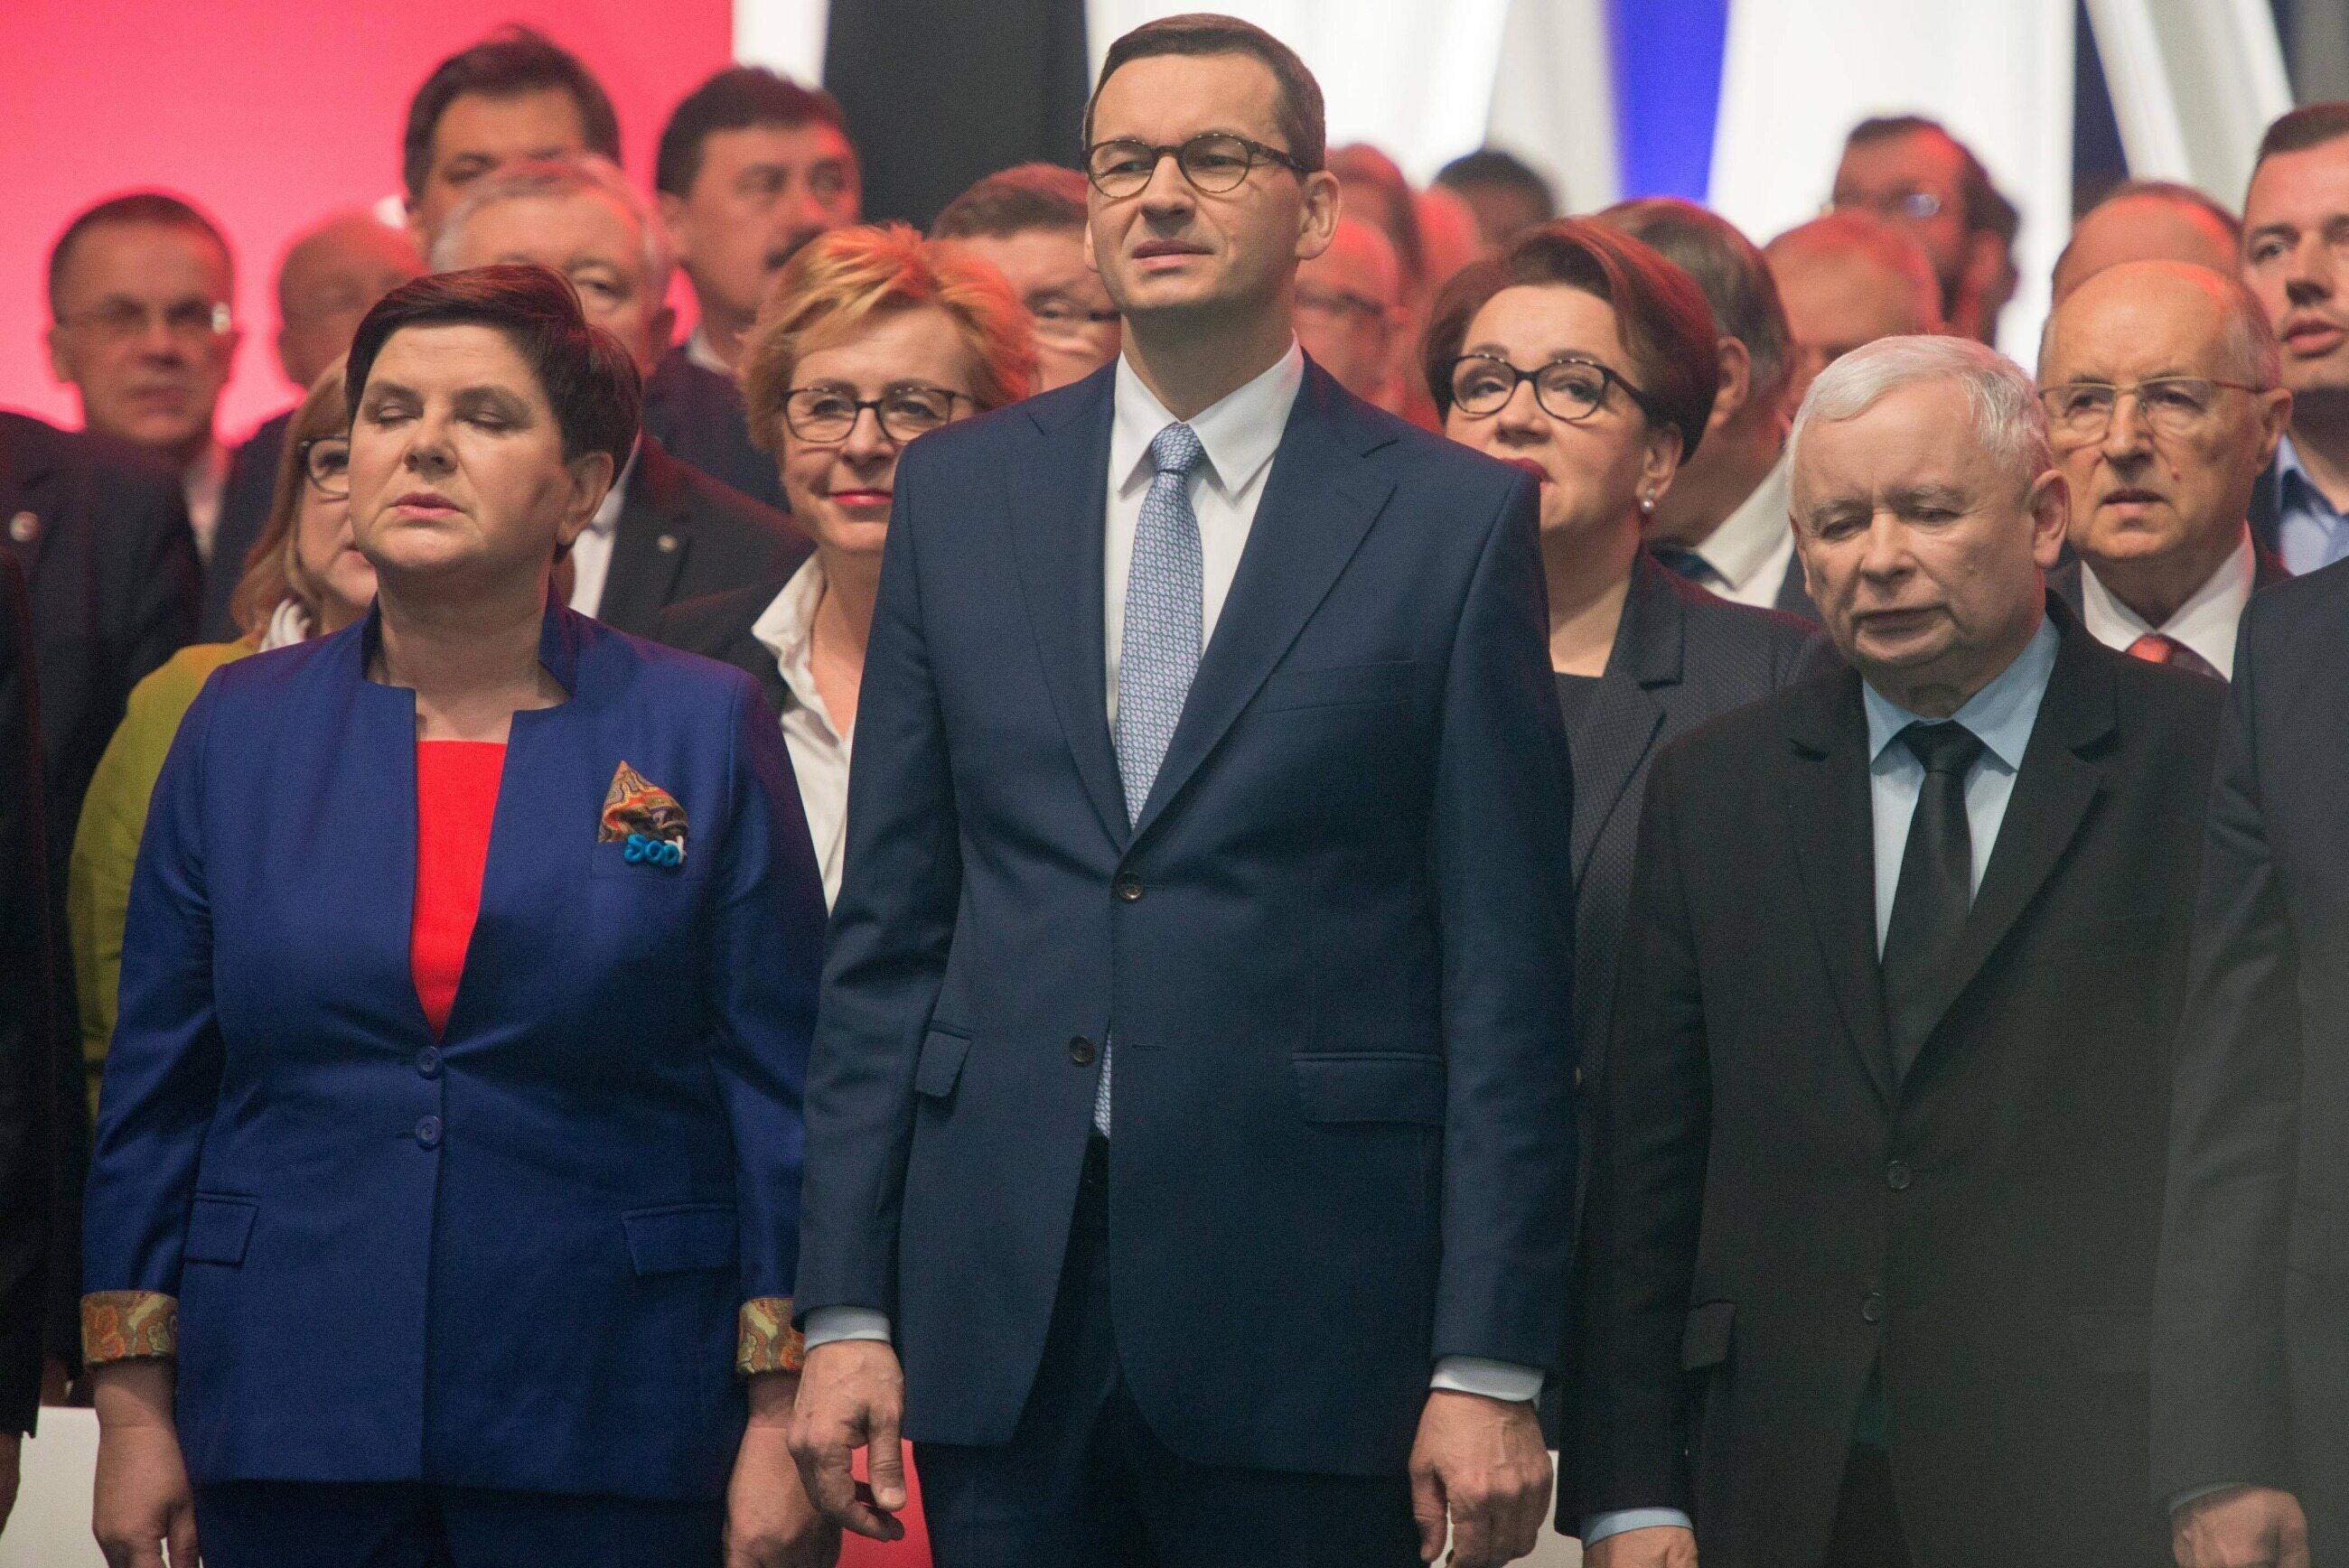 Beata Szydło, Mateusz Morawiecki, Jarosław Kaczyński